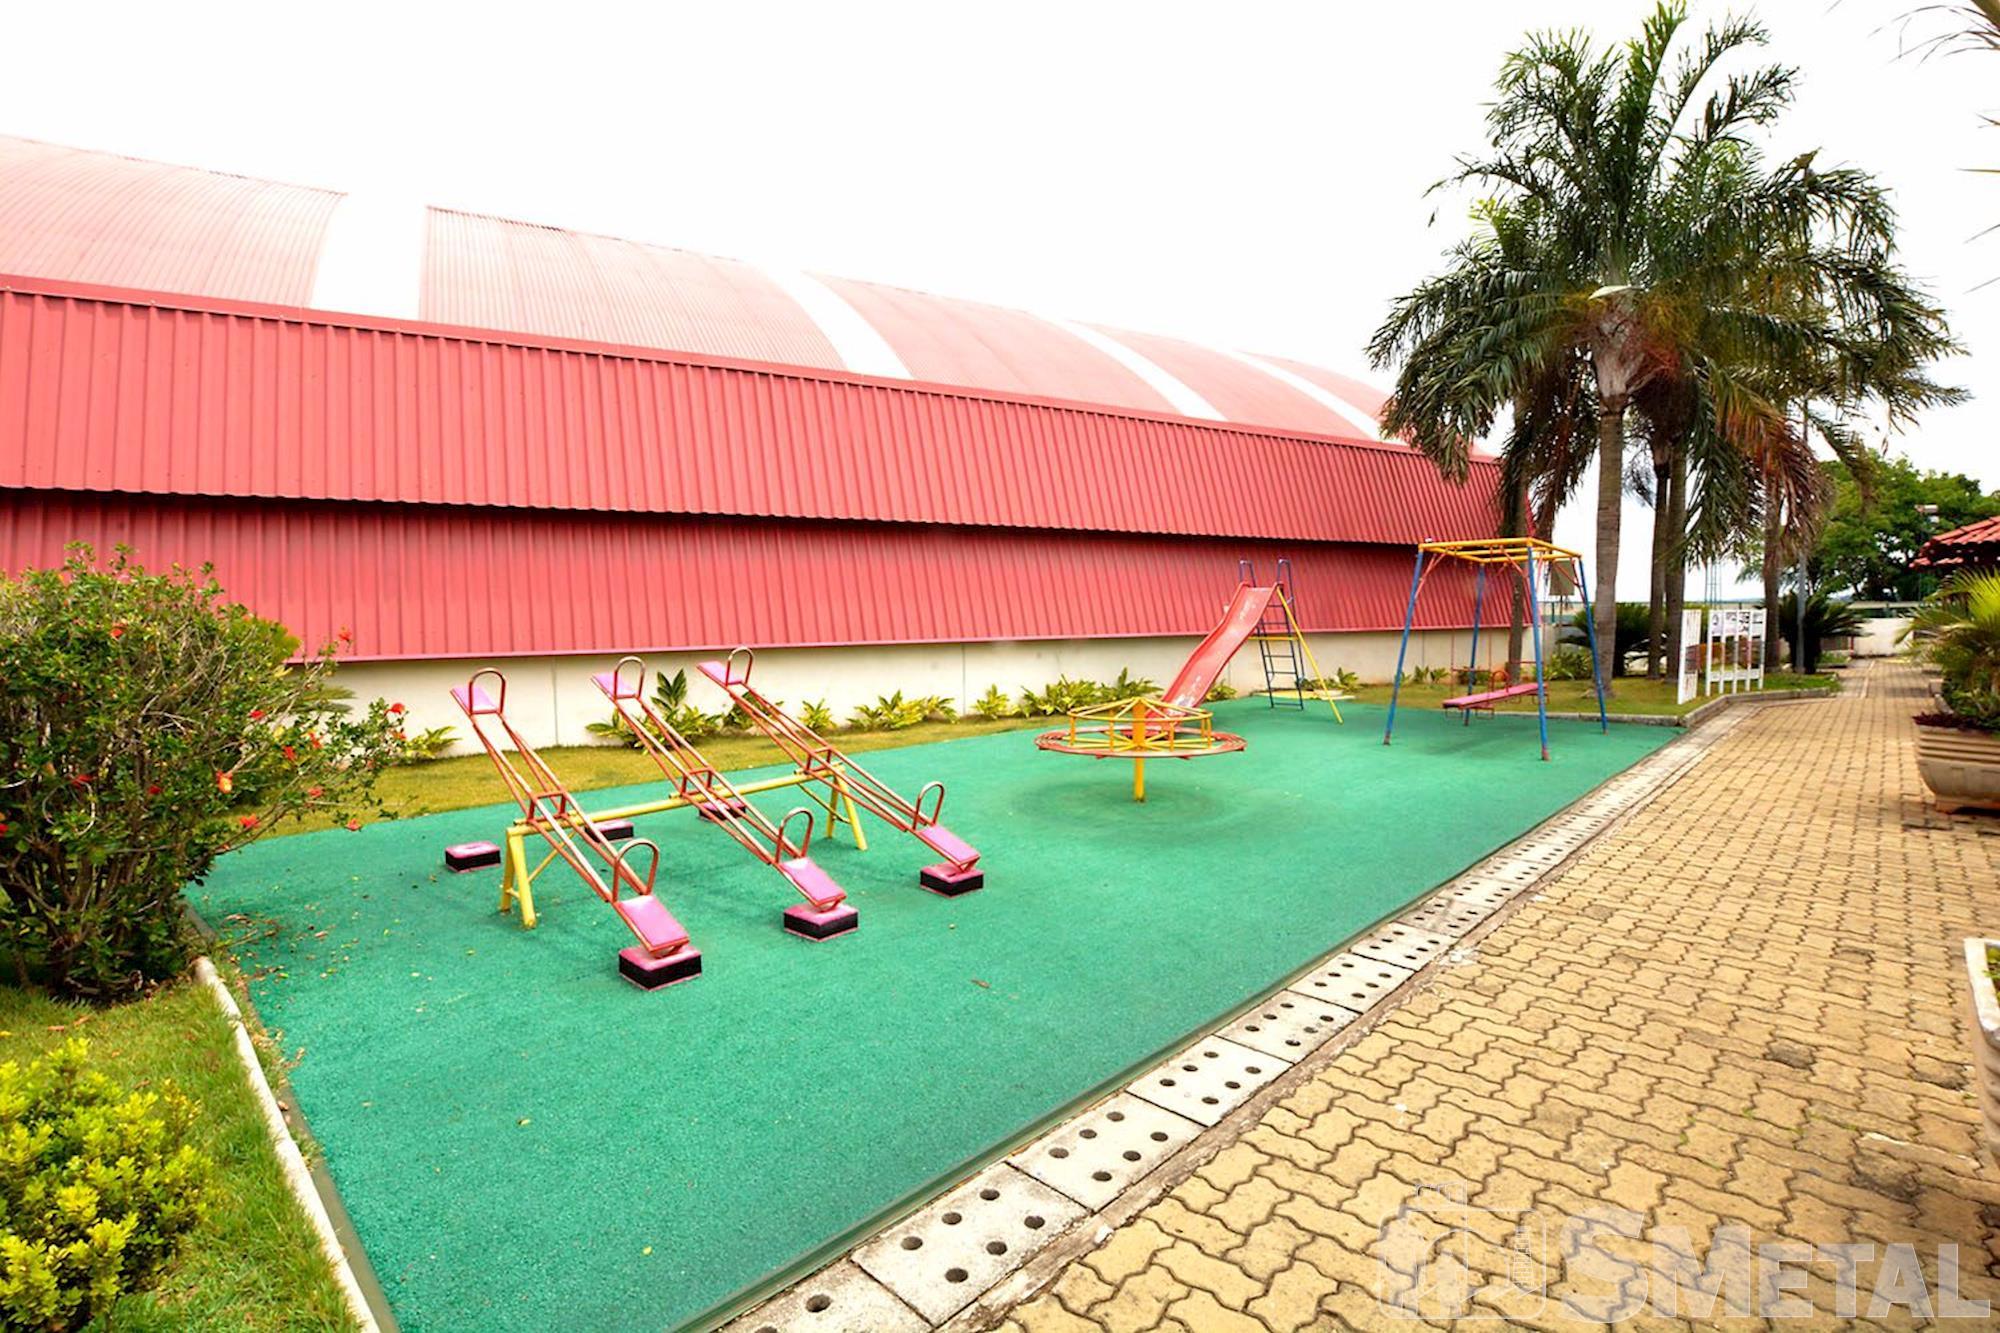 Playground para crianças, clube,  campo,  smetal, Foguinho/Imprensa SMetal